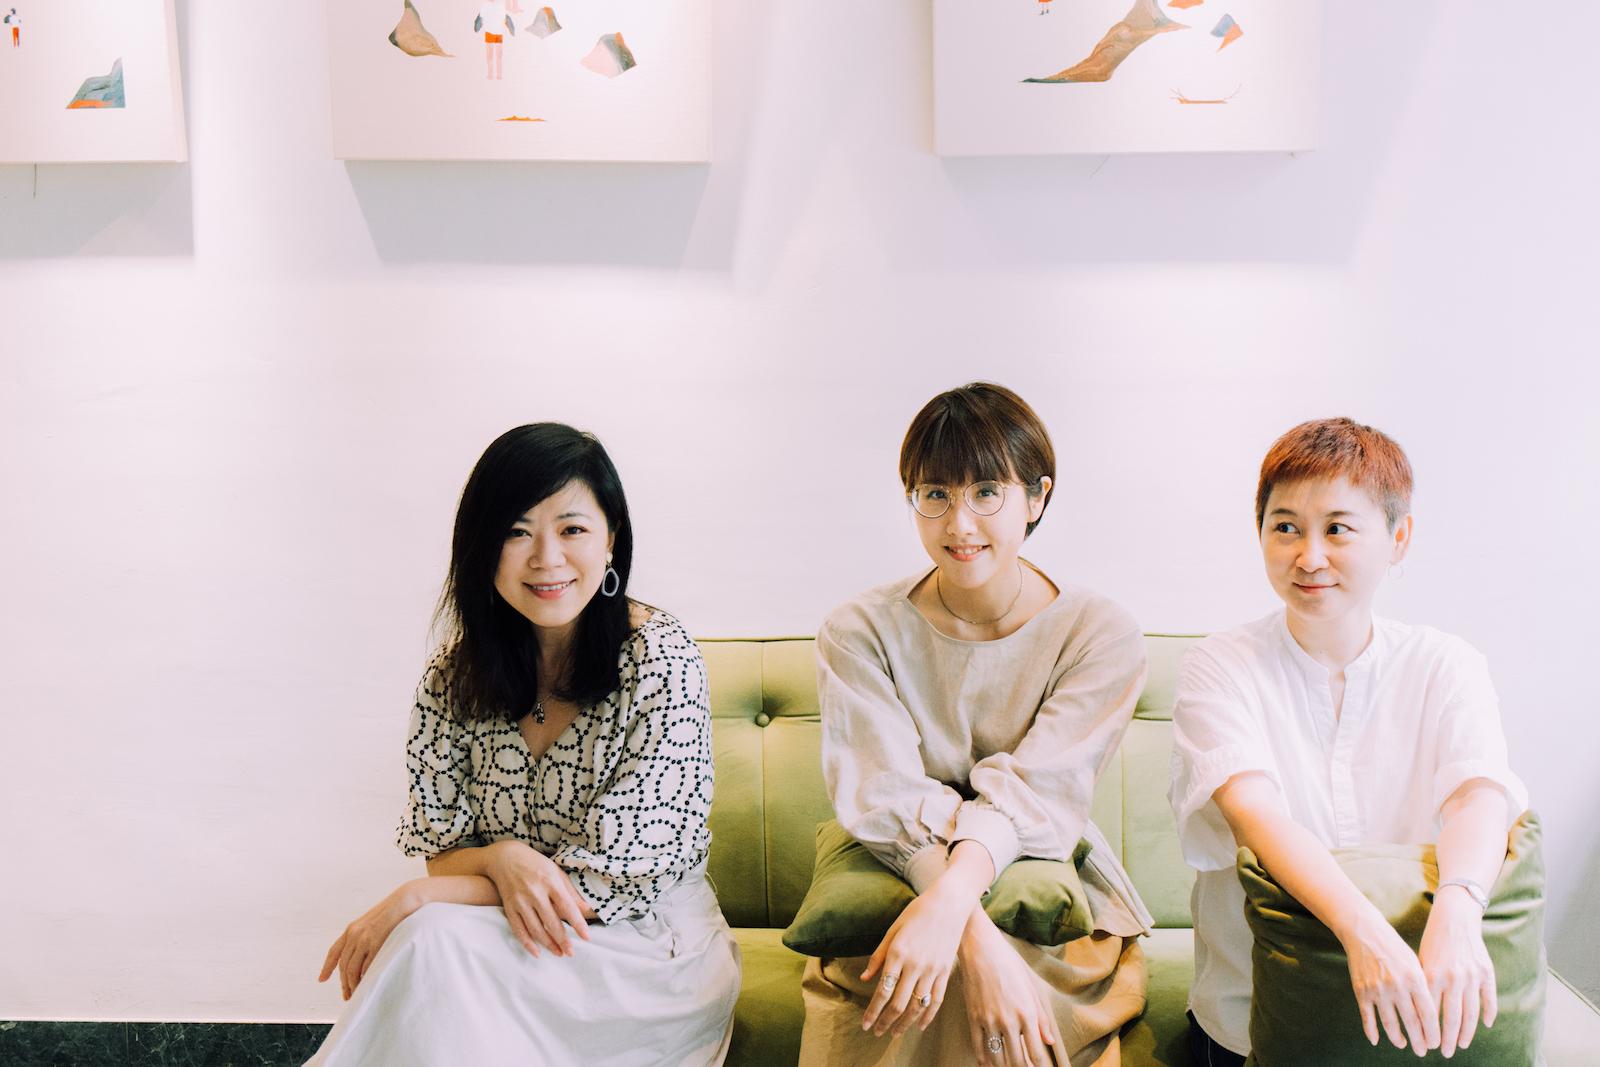 所謂市集,就像美的培養皿——米力 ╳ Dayday ╳ 林凱洛,台灣市集的愛與挑戰